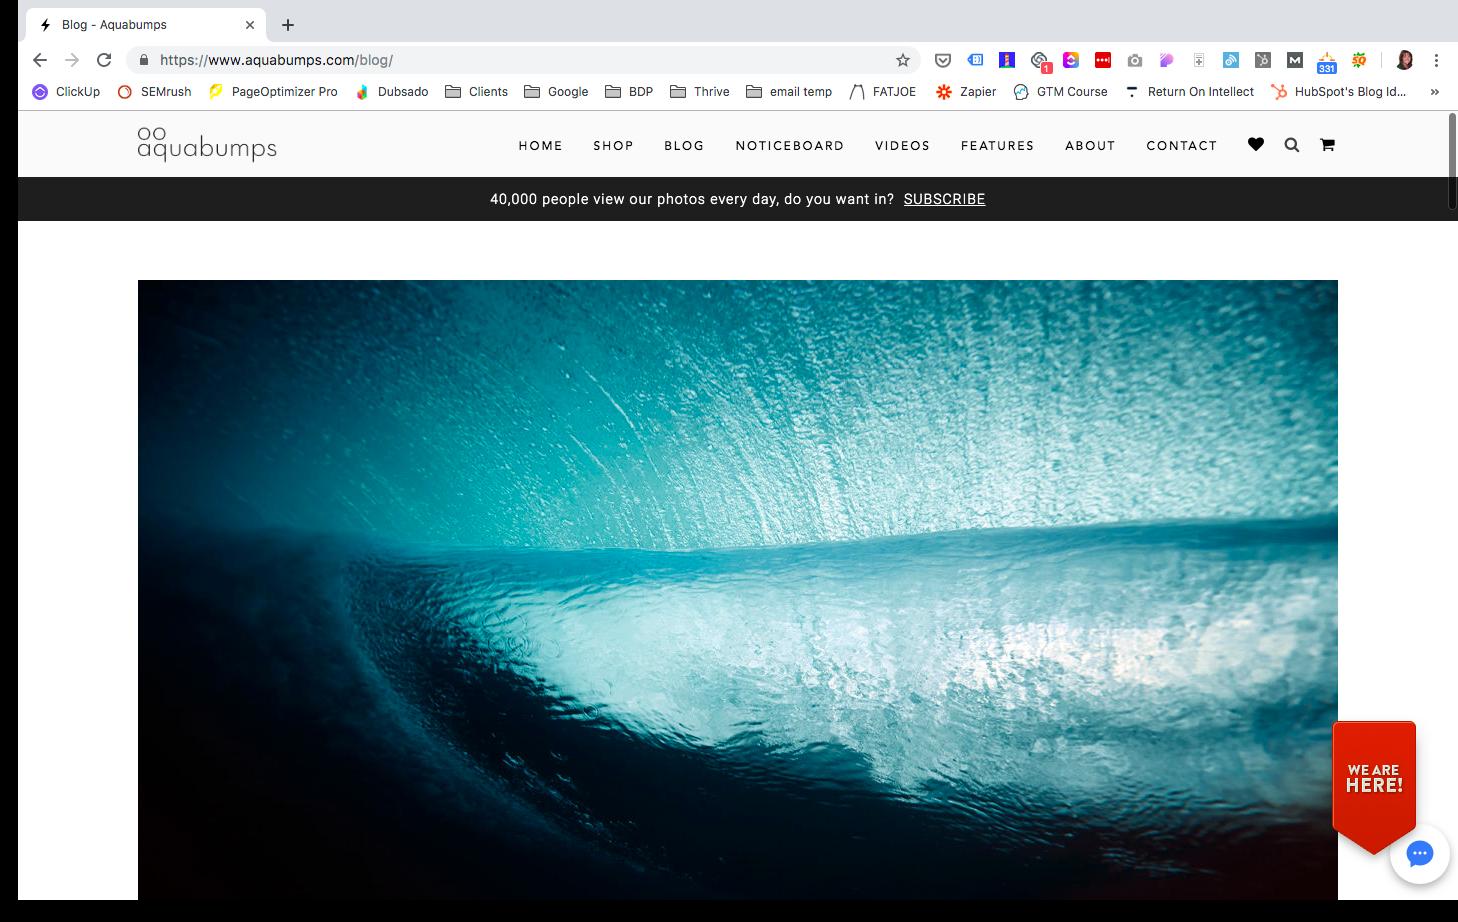 Aquabumps blog screenshot.